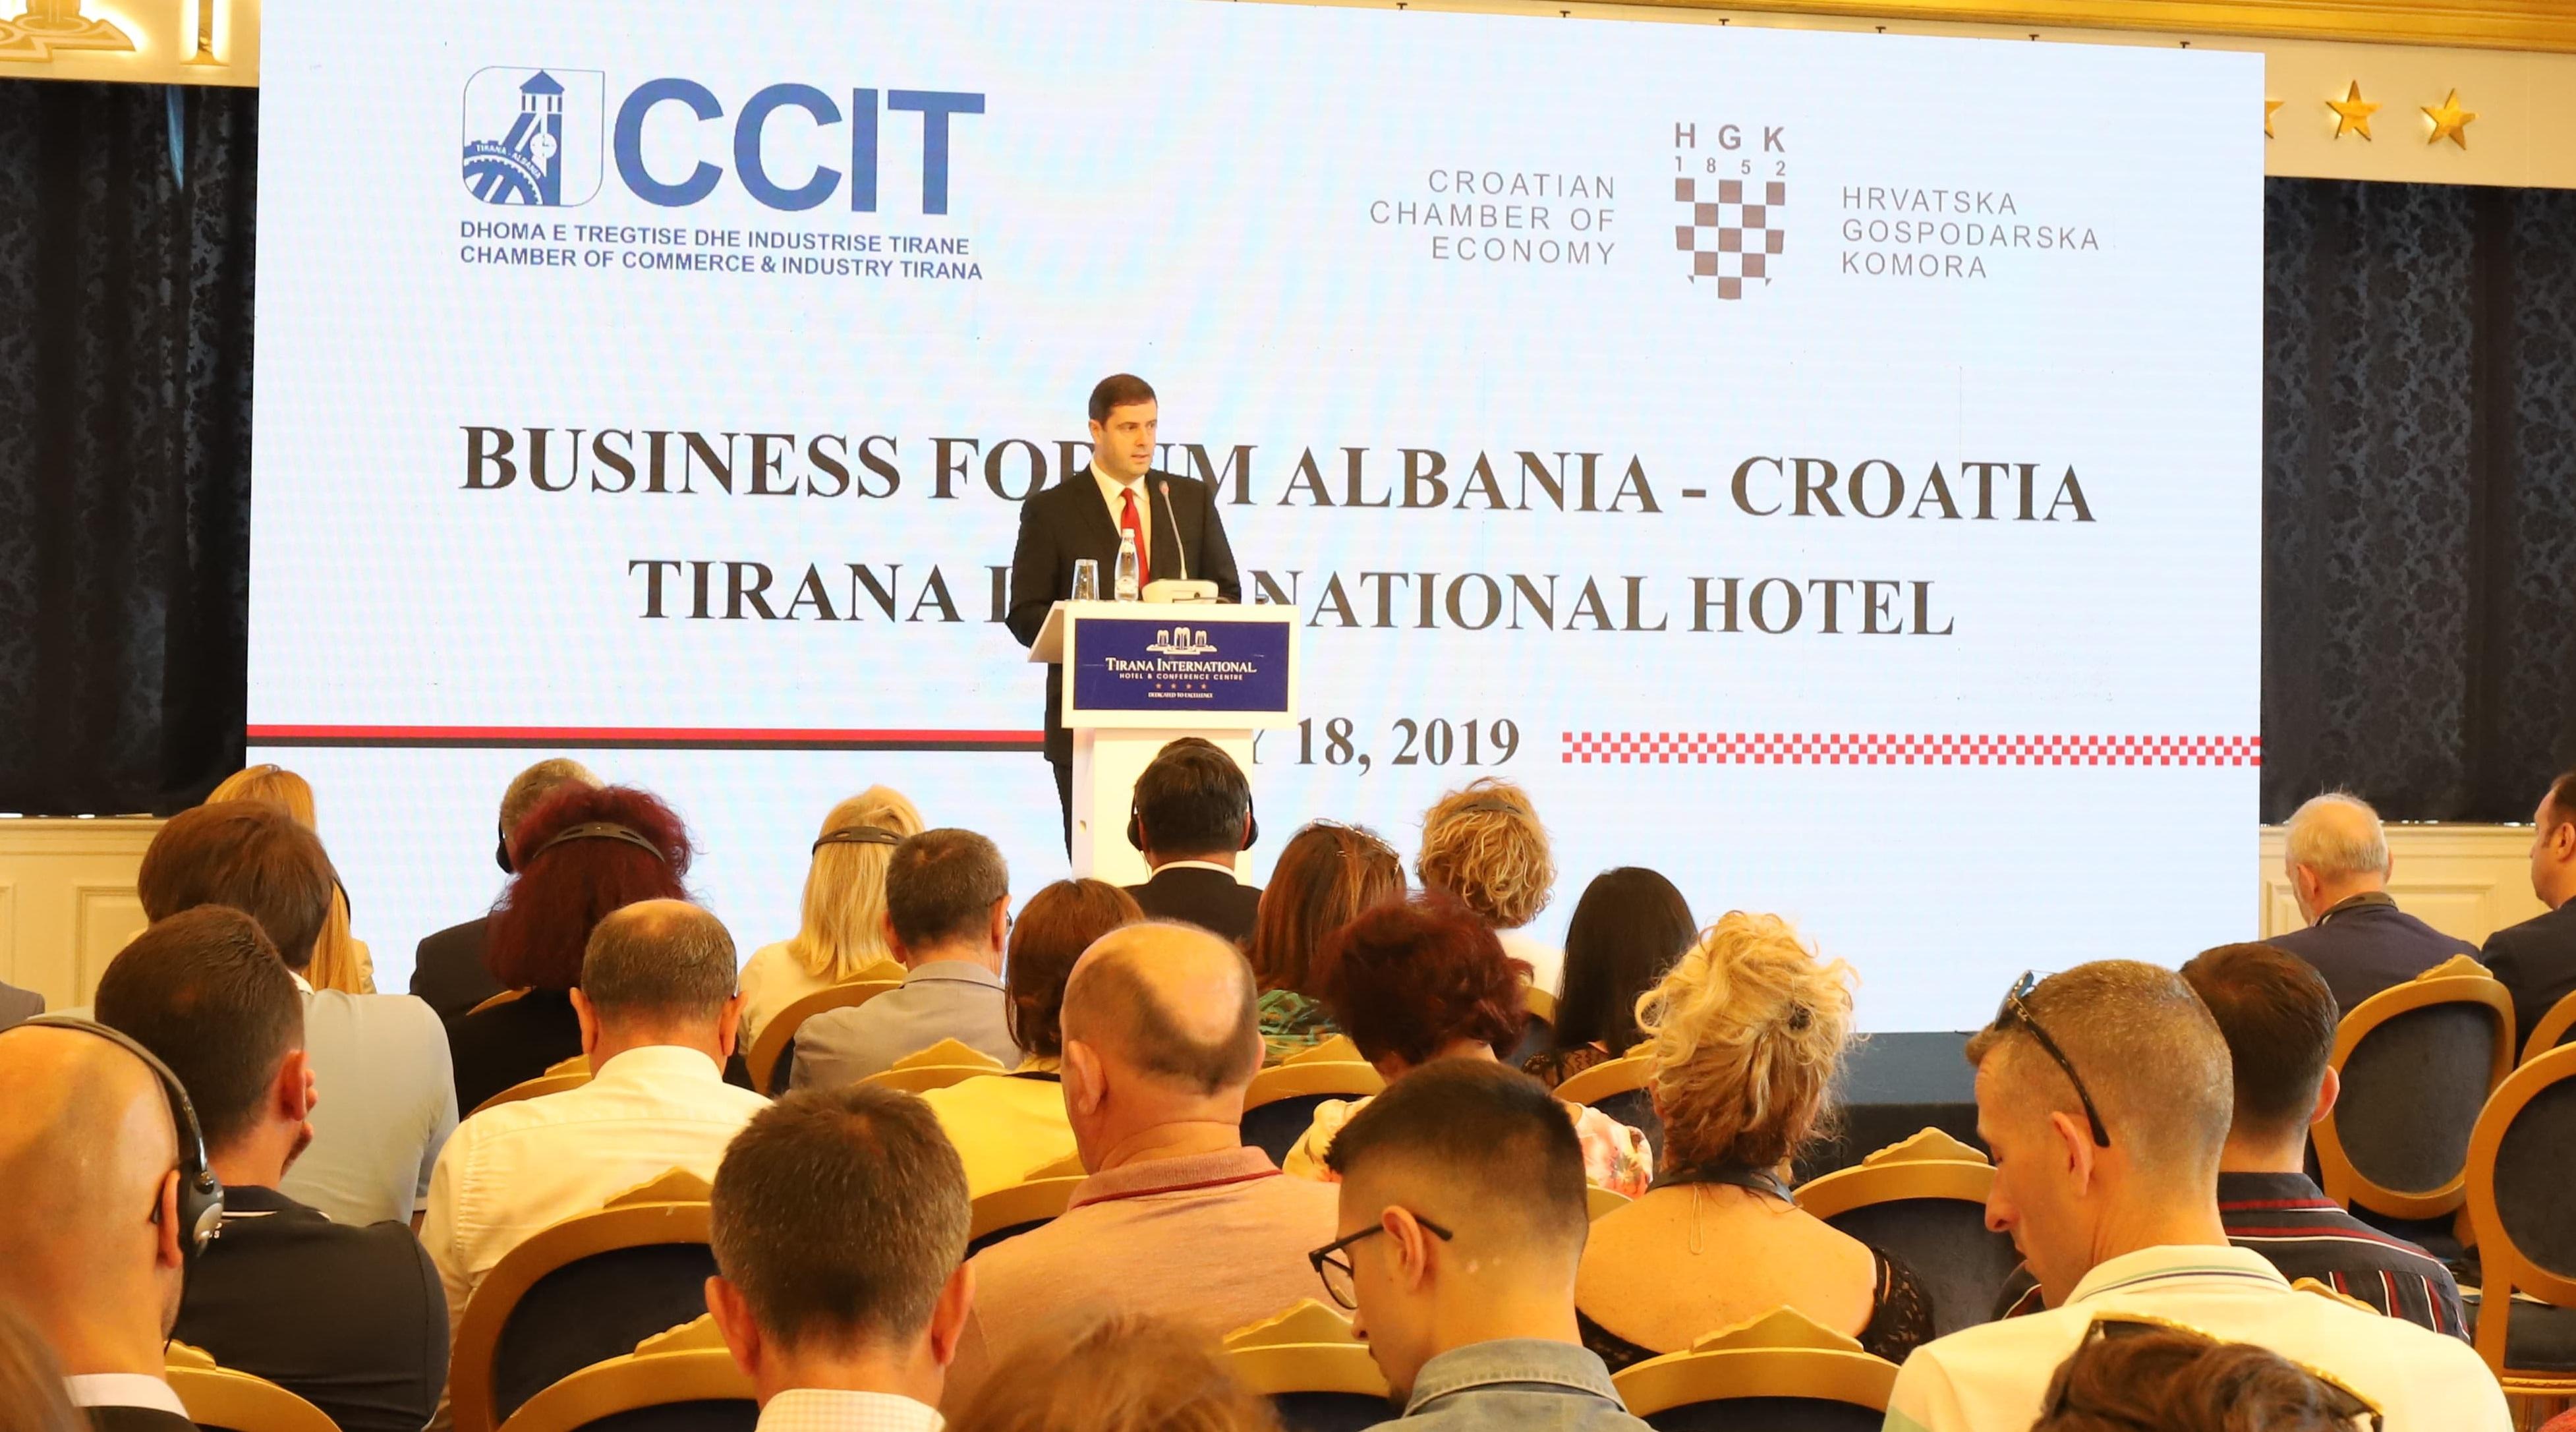 Jaka: Biznesi kroat ka mundësi reale të lidhë kontrata bashkëpunimi me kompanitë tona